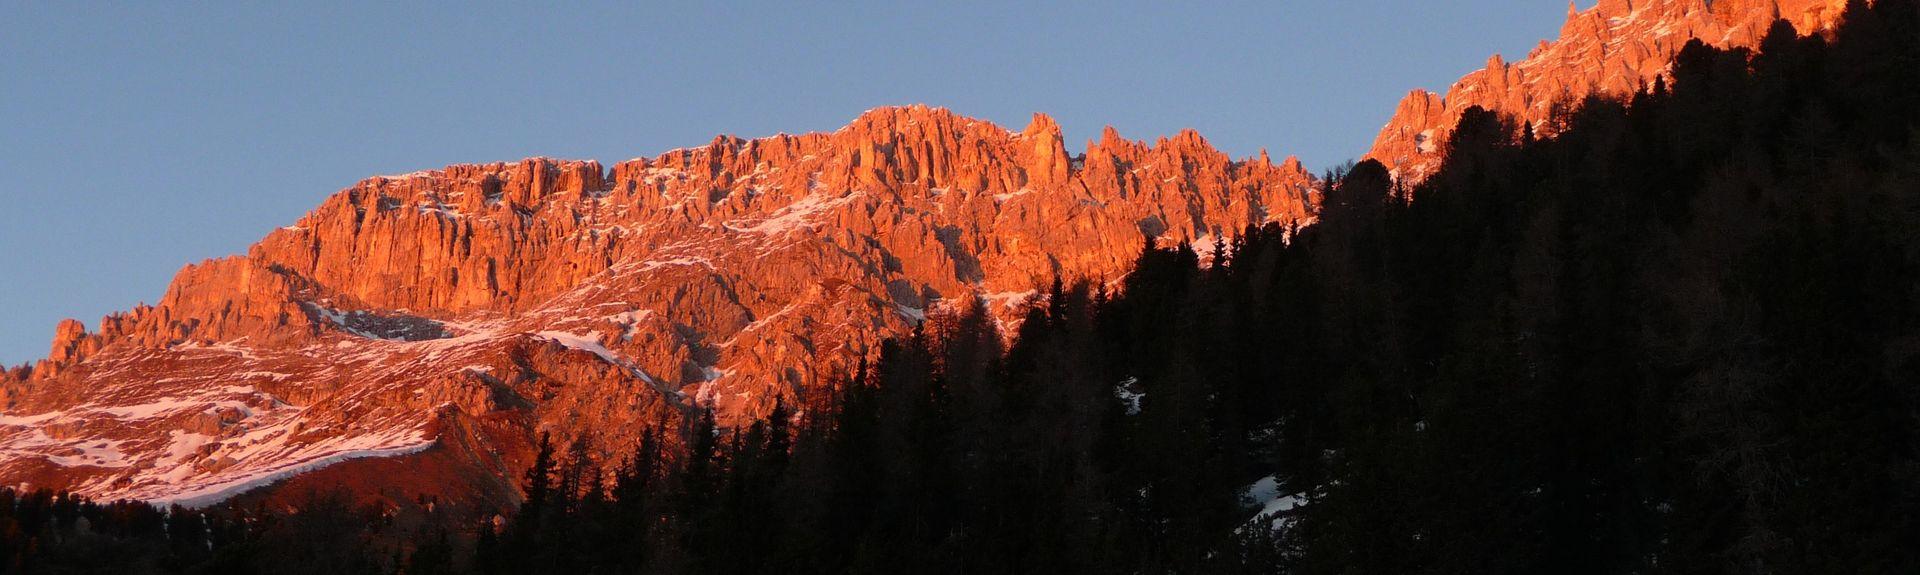 Bolzano, Trentino-Alto Adige, Italia